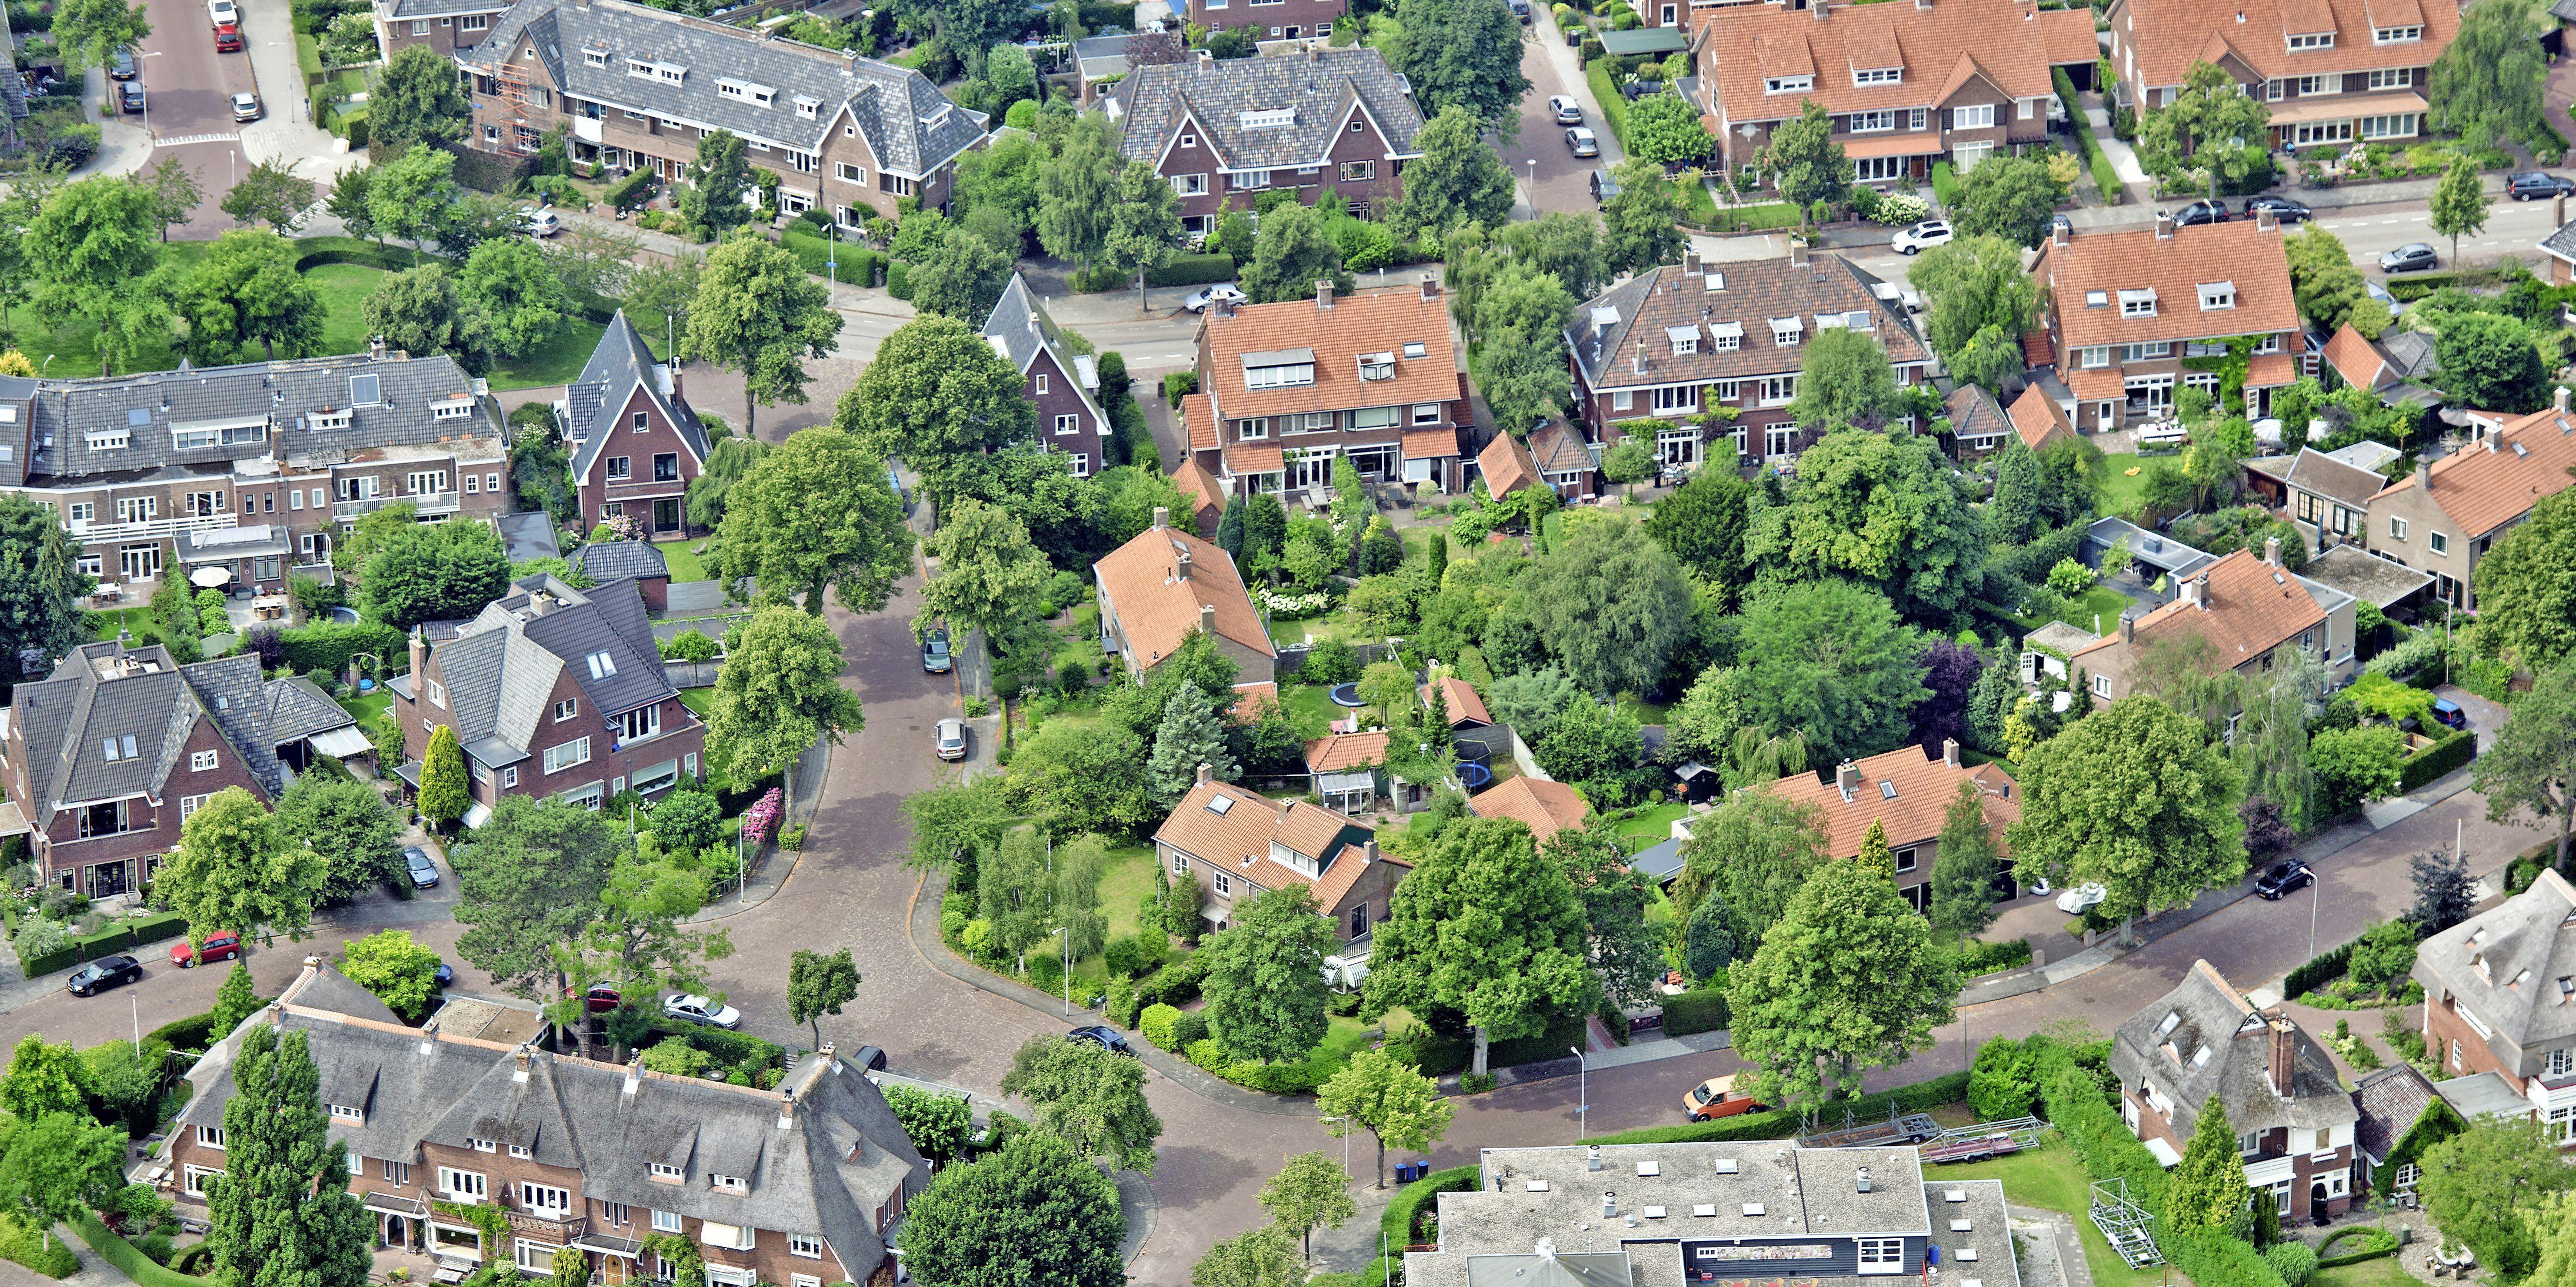 Hup Heemstede, werk aan de winkel: dorp telt naar verhouding de meeste energievretende huizen